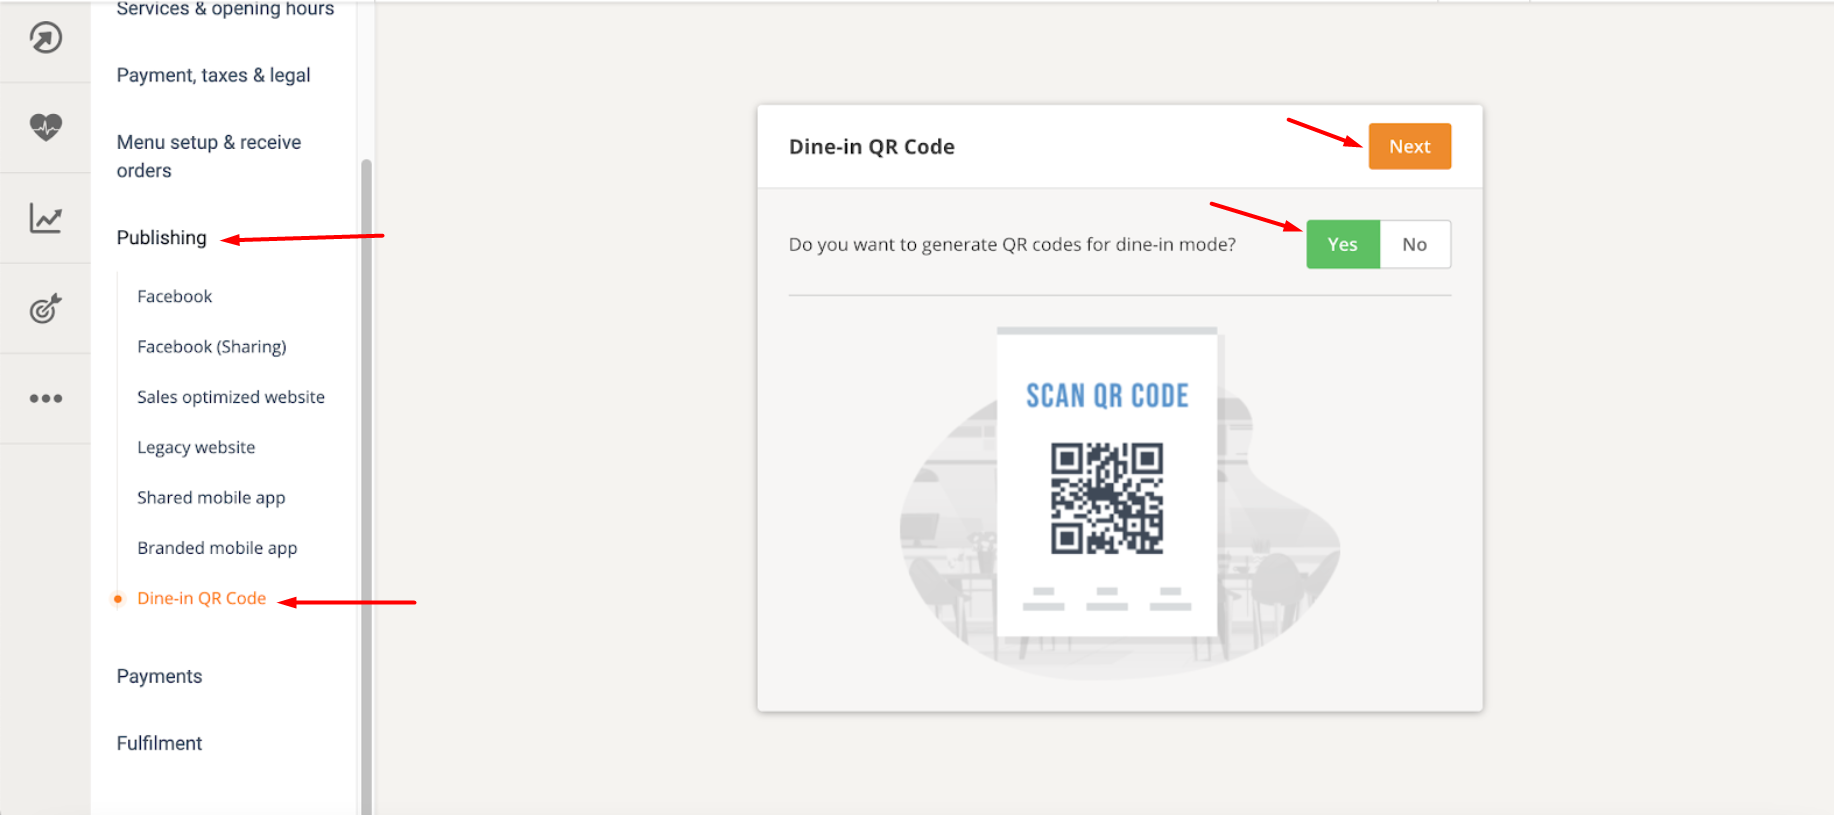 restaurant flyer ideas: qr code flyer